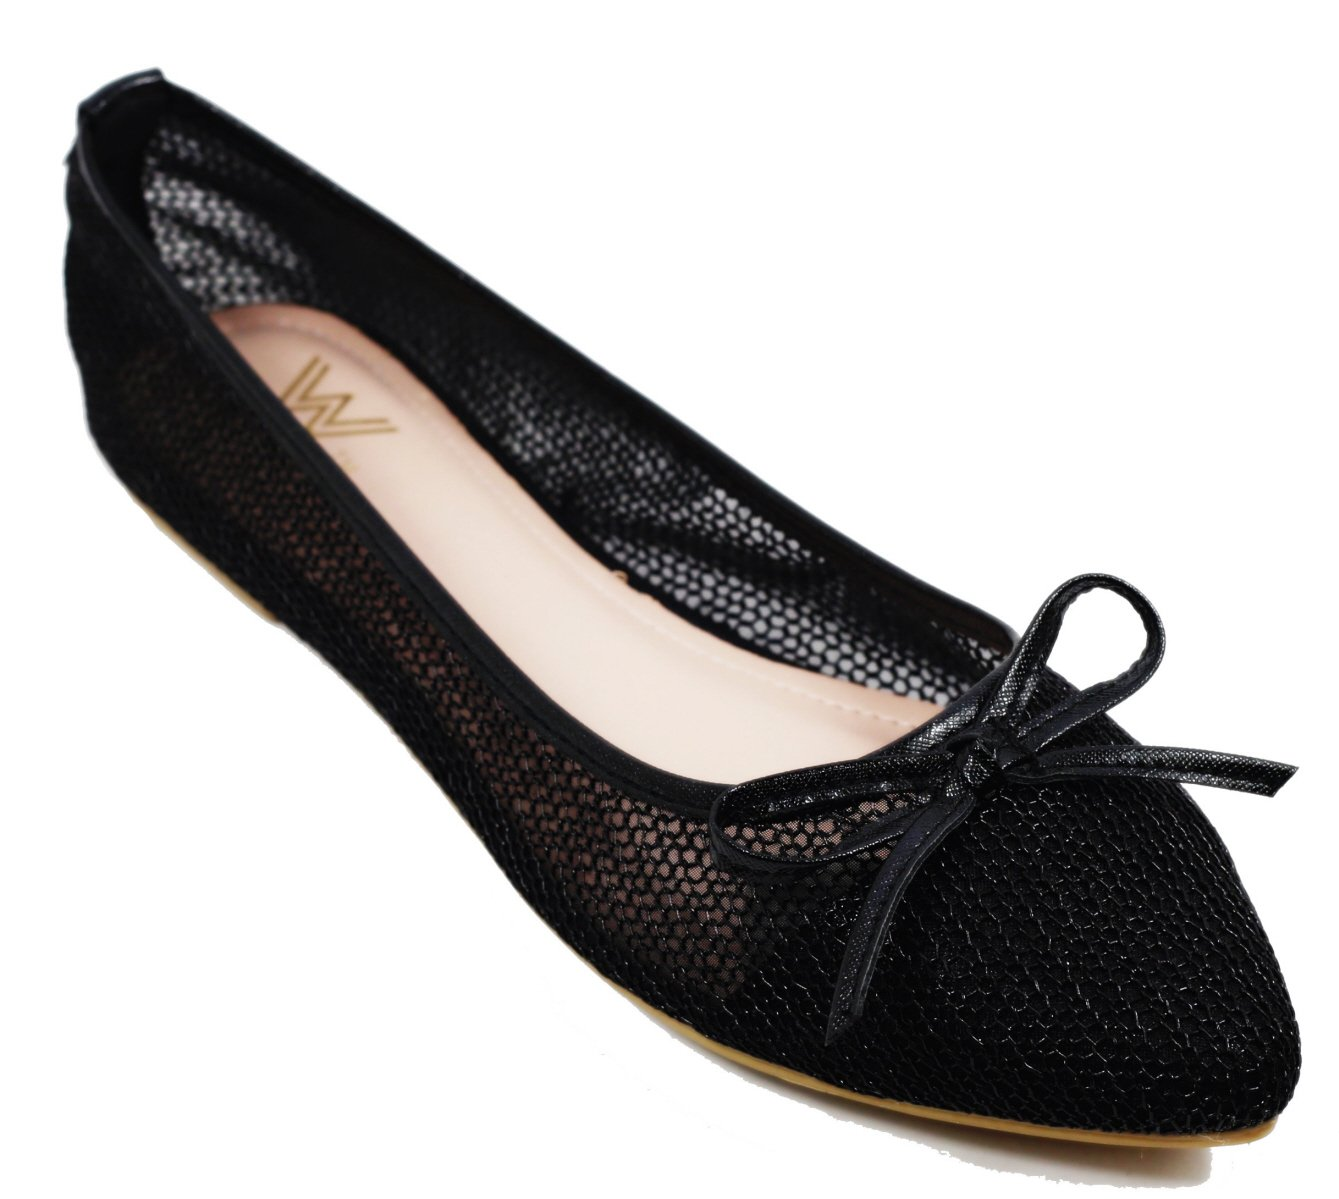 Walstar wedding shoes for bride Flat Shoes Mesh Flat Shoes B073WHSS3R 8.5 B(M) US|Black